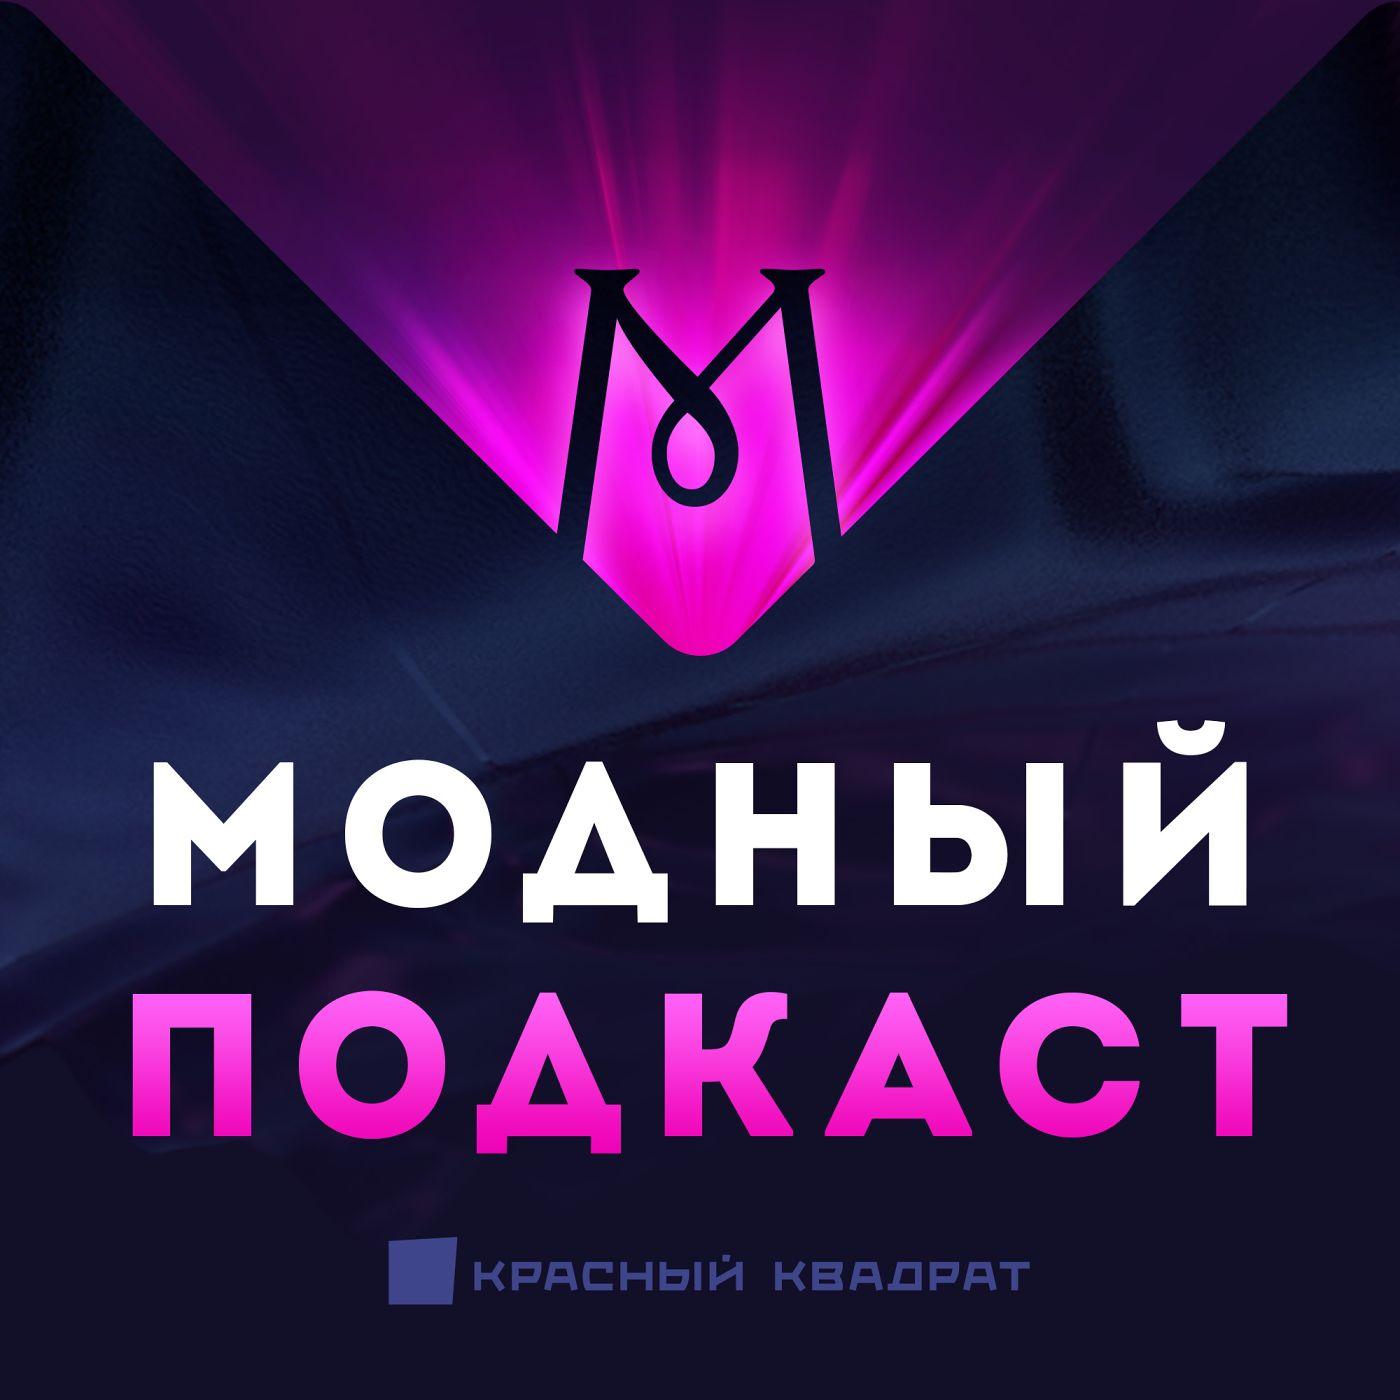 Гоша Ростовщиков. О жизни российского байера, Госдуме и тяжёлом люксе